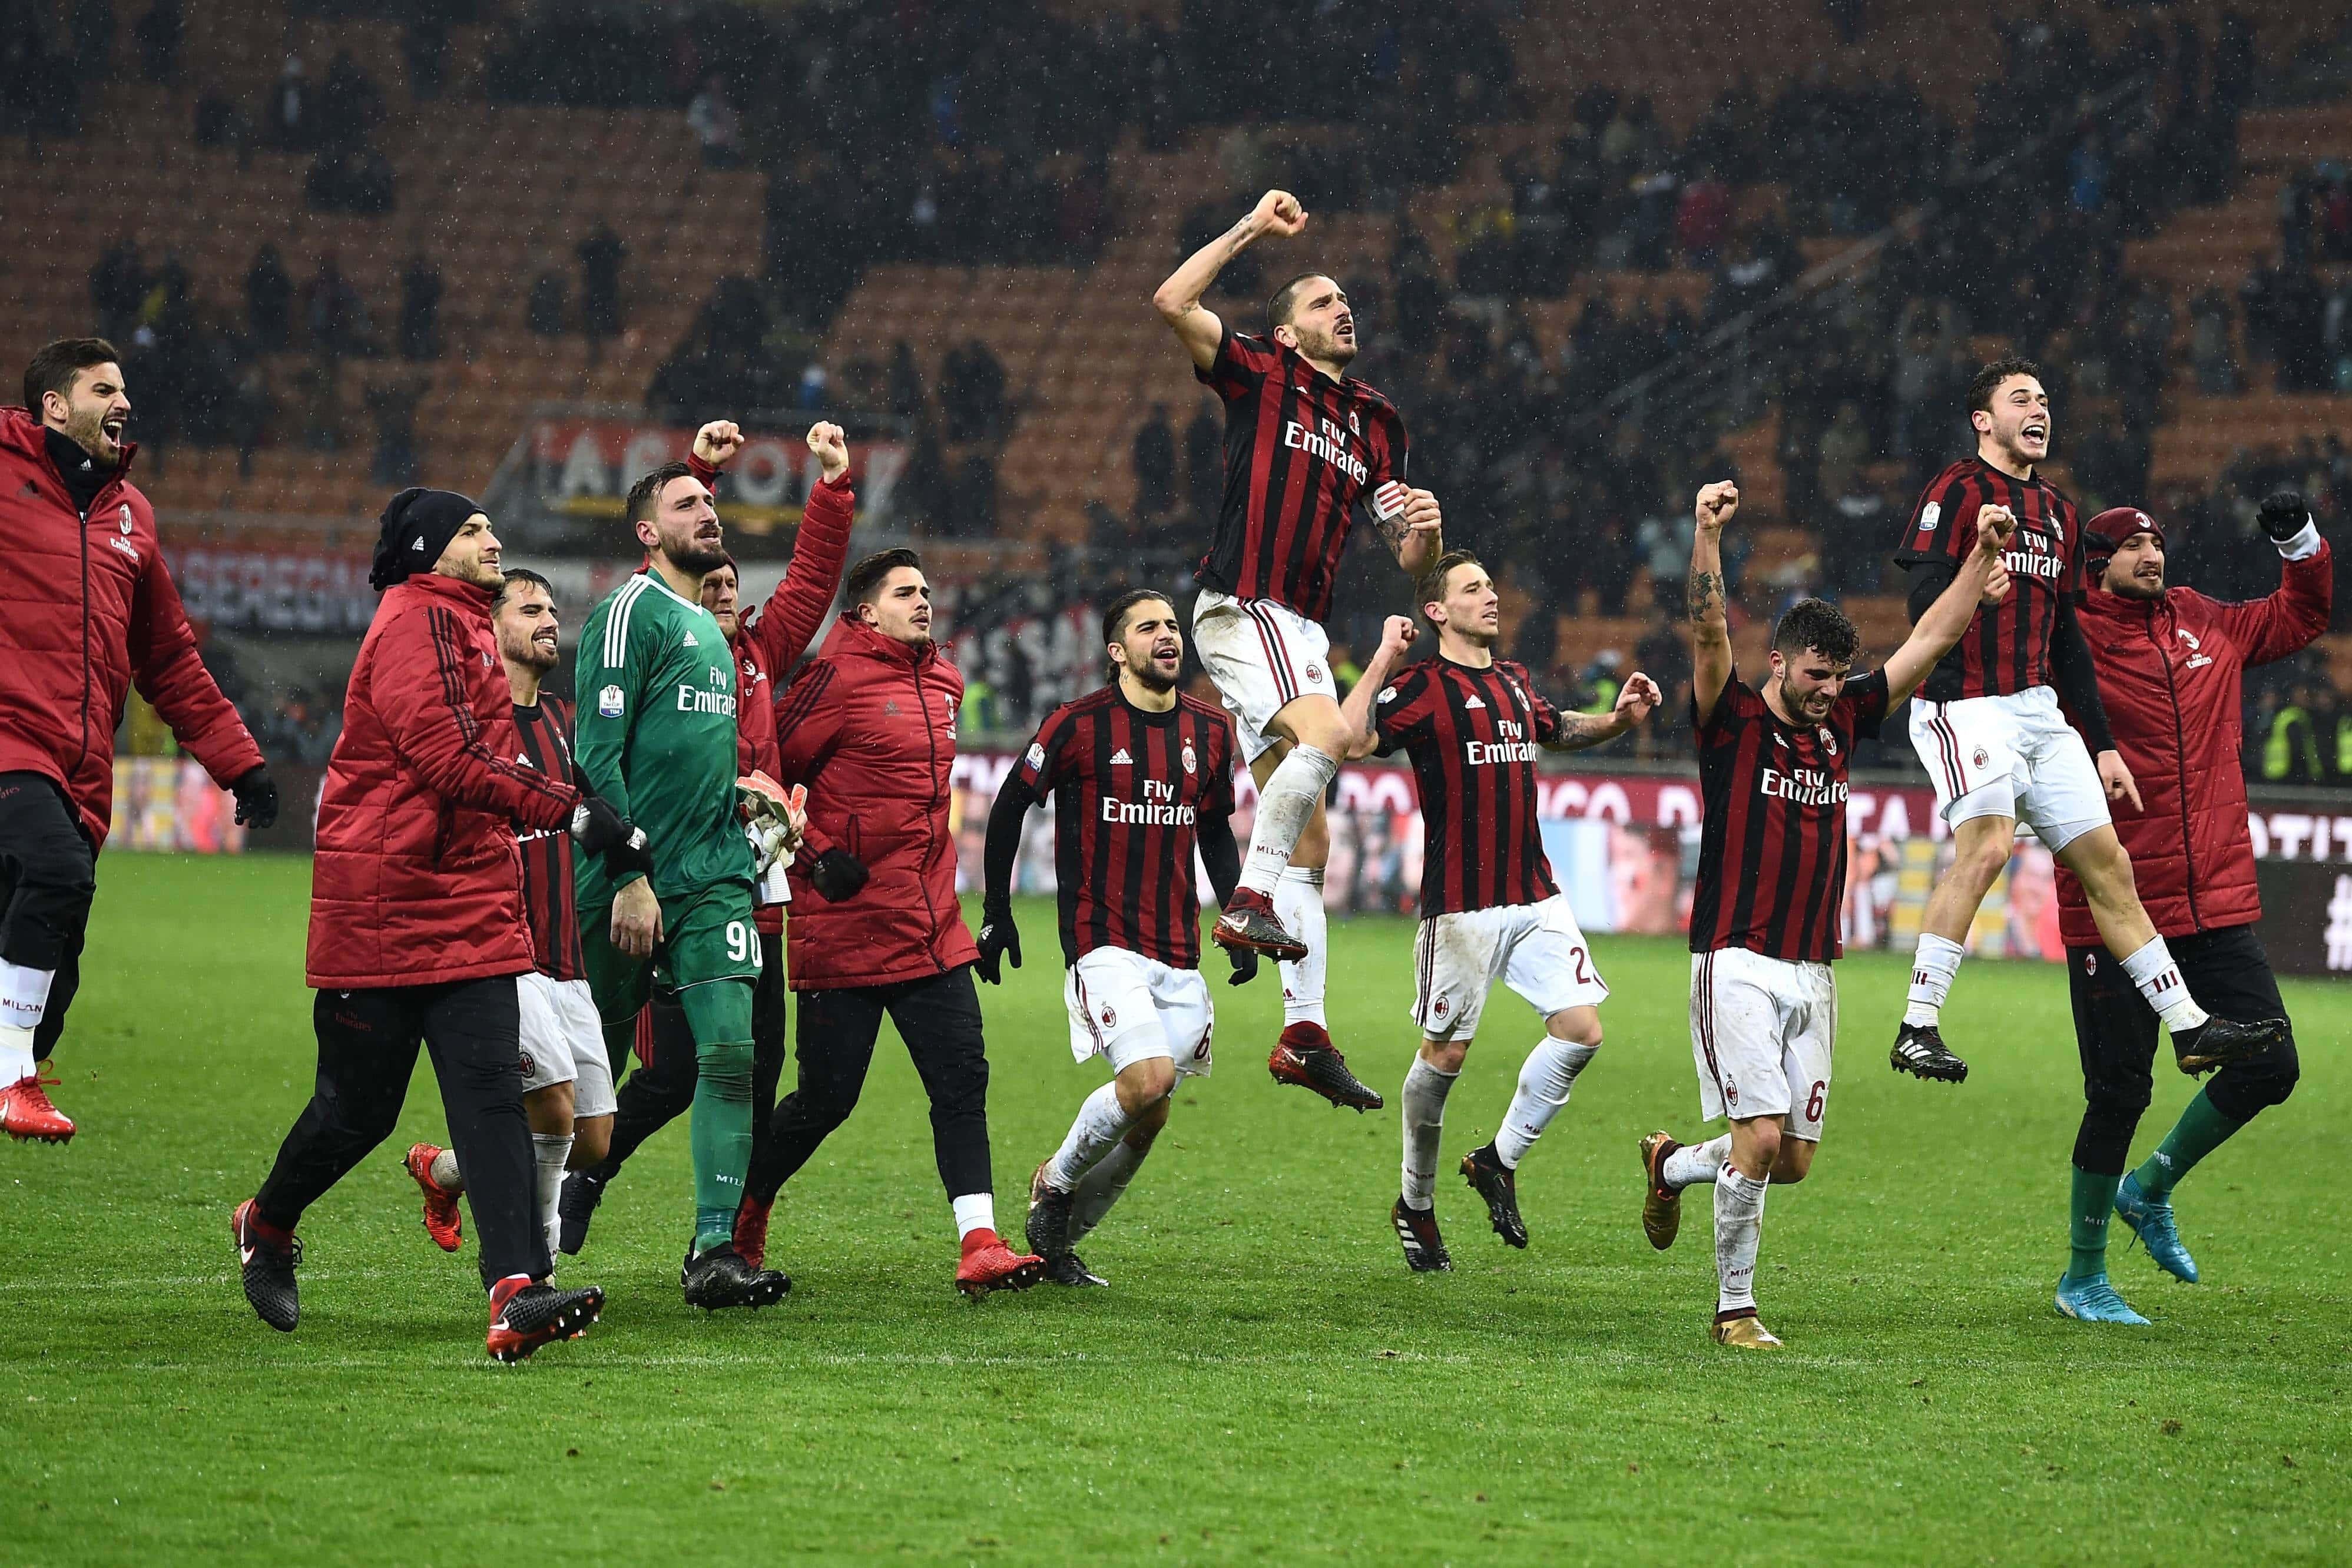 Il Milan in Coppa Italia: le vittorie e i protagonisti